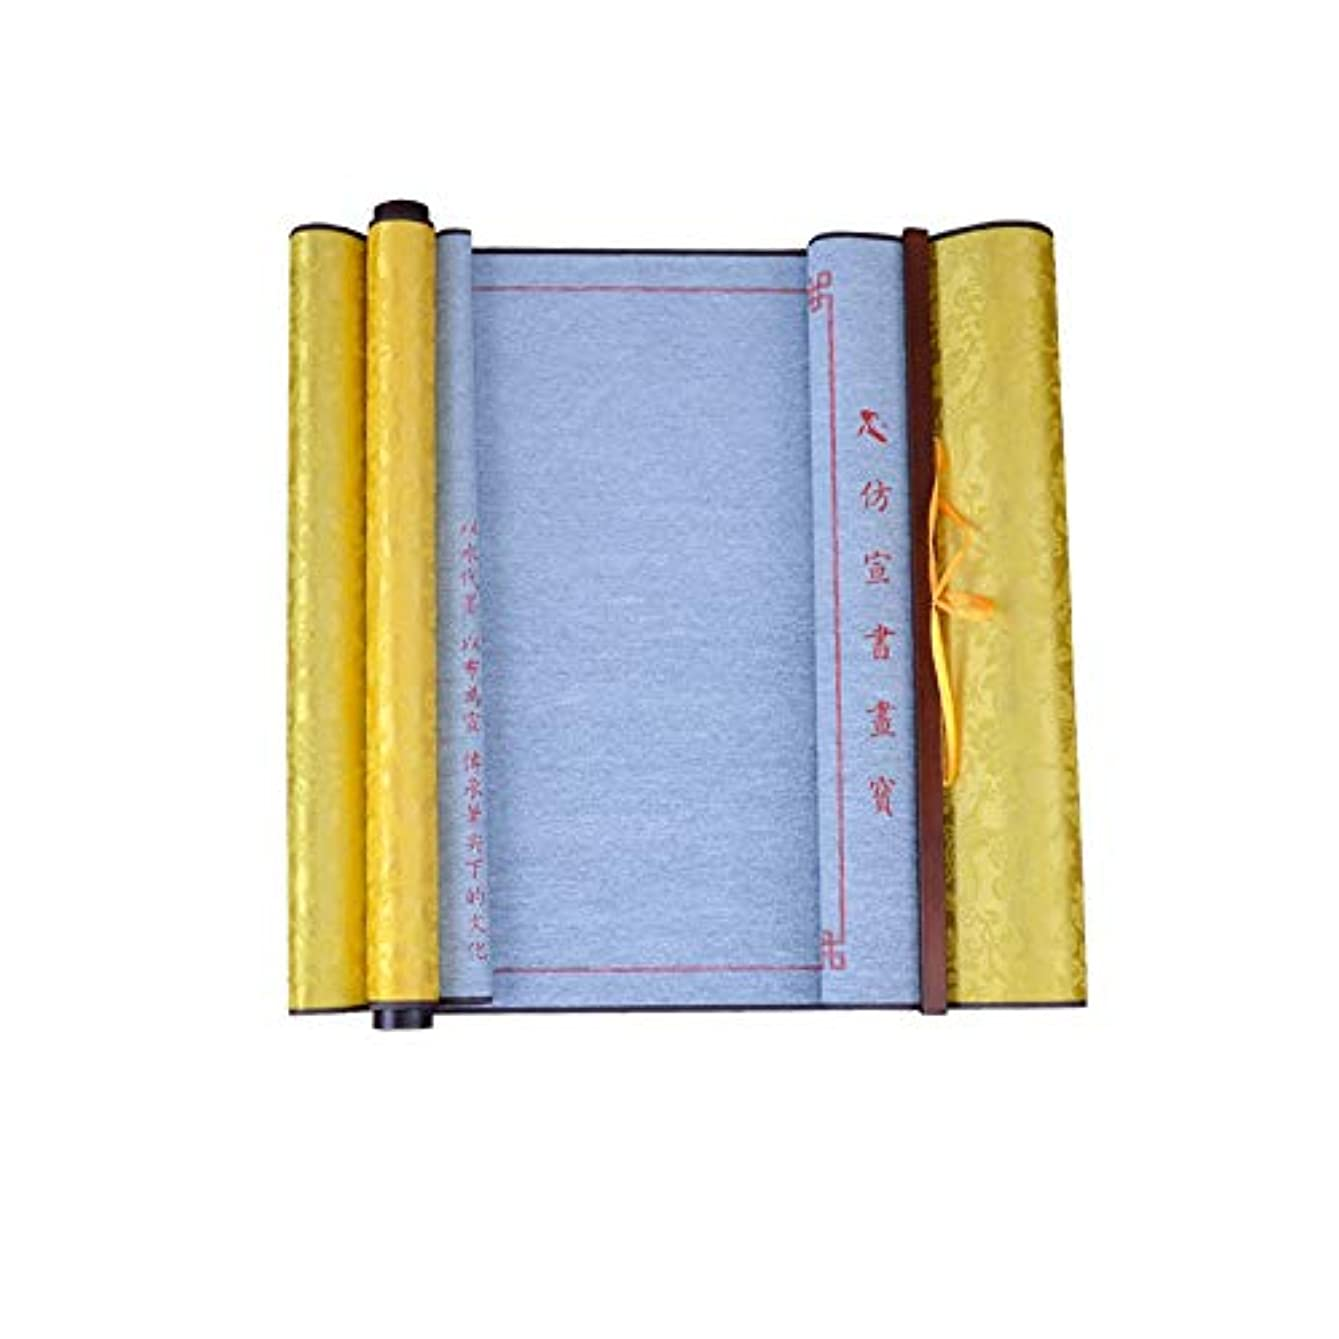 性格タービン繰り返す添今堂 環境にやさしい 中国 書道 インク不要 裏刺繍 水書き込み 魔法の布 掛軸 グリッド付 書道 学習者 向け 80cmx38cm